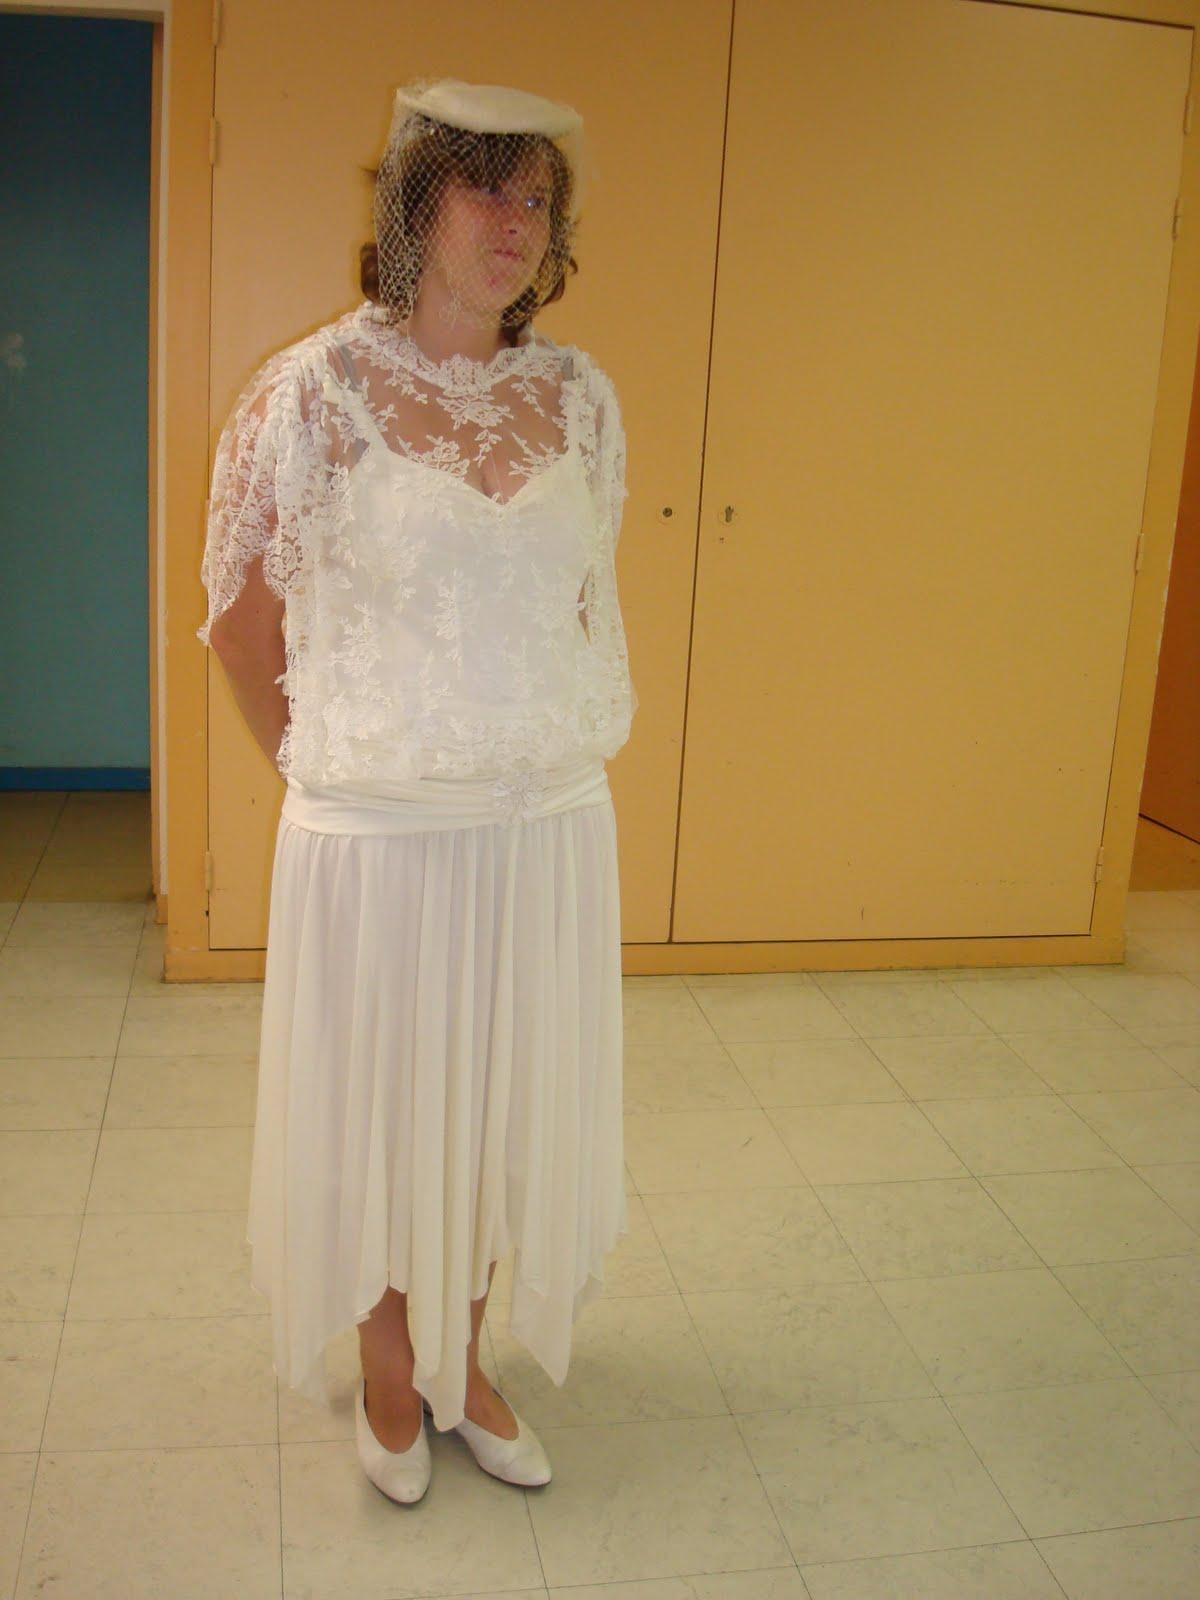 Mariage galerie for Concepteurs de robe de mariage australien en ligne